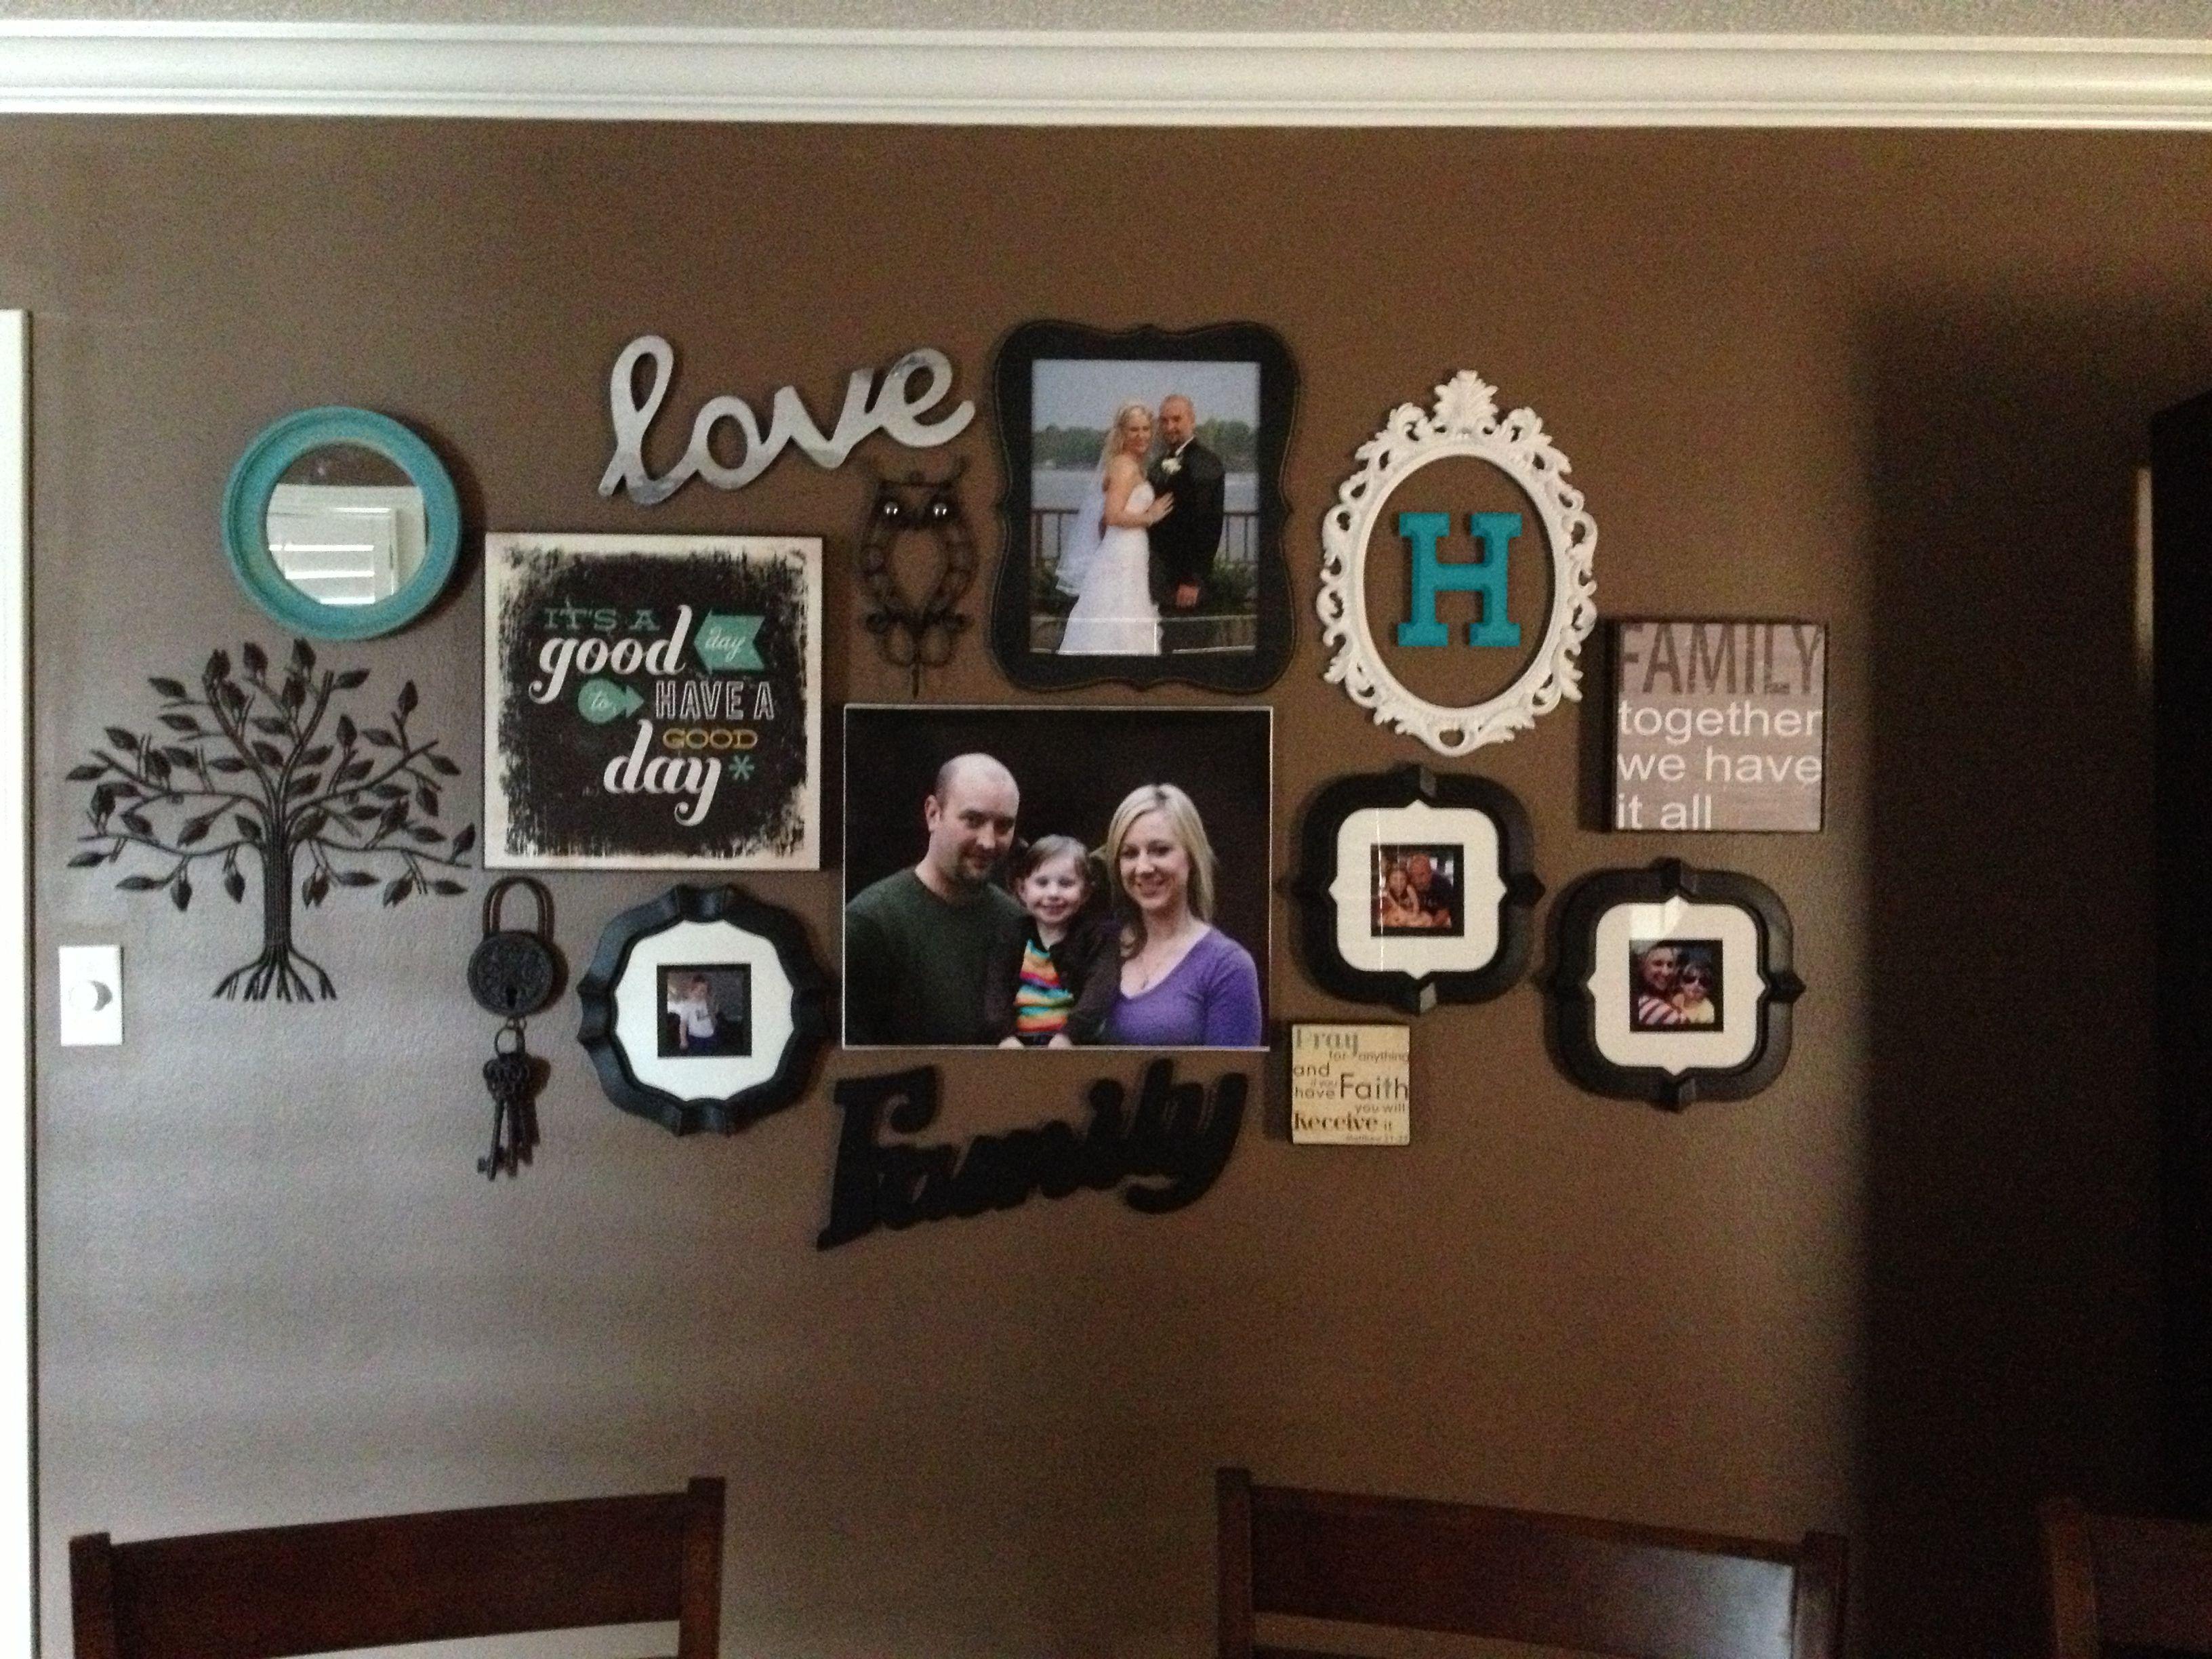 Decoraci n fotos decoraci n casa pinterest - Cuadros decoracion hogar ...